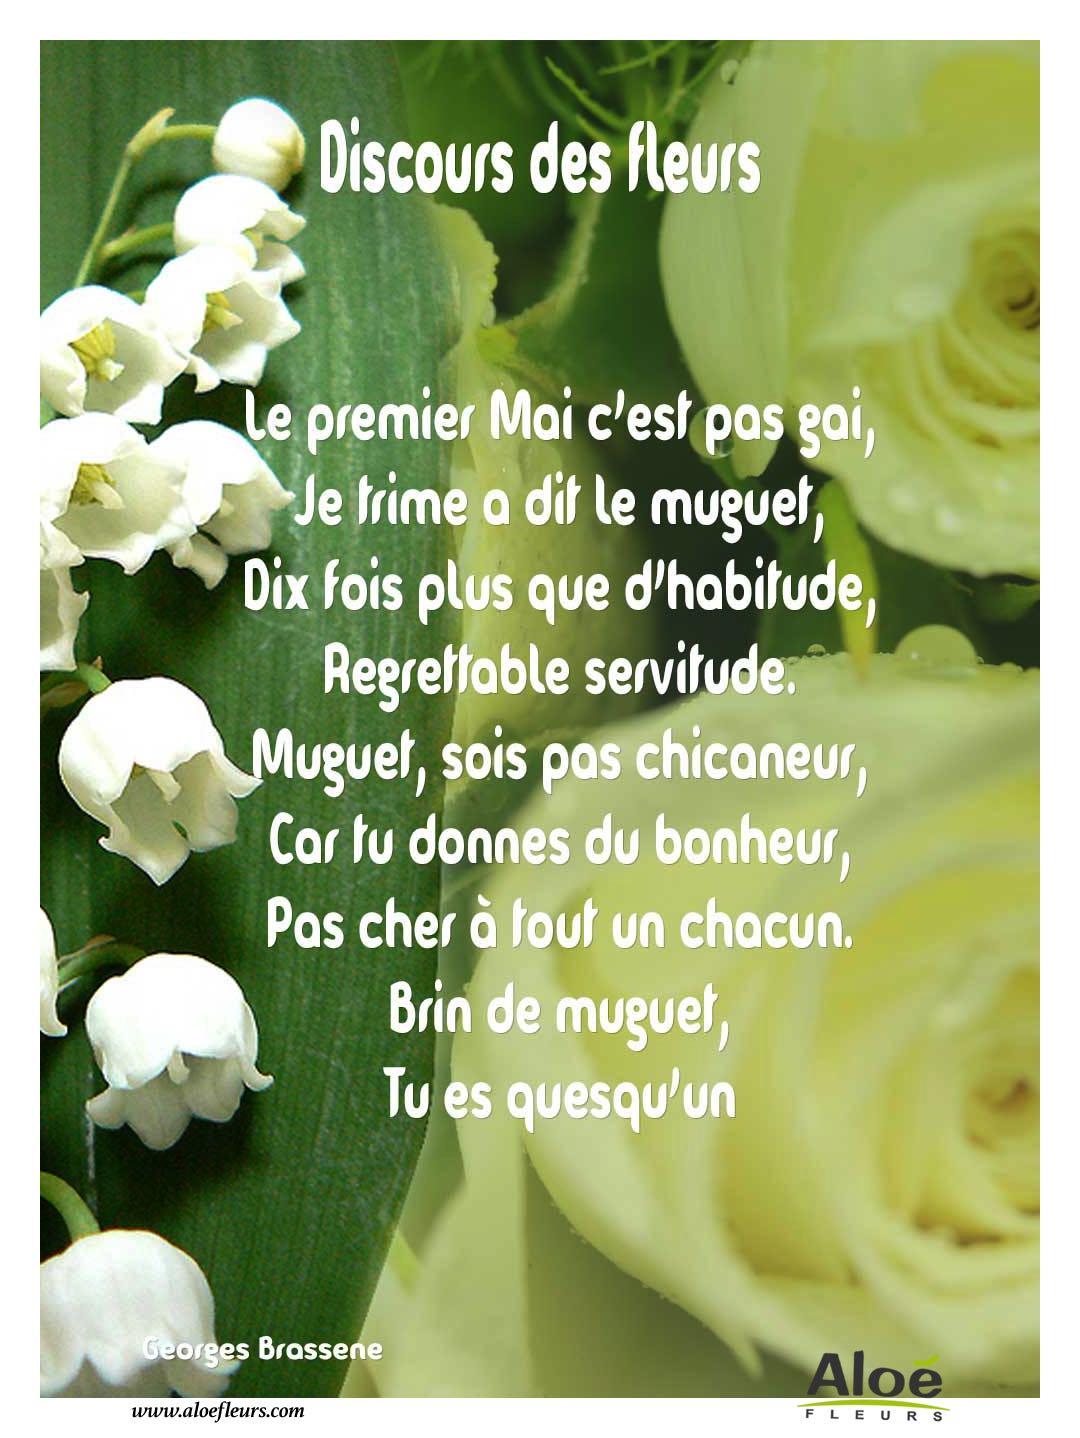 1er mai muguet discours des fleurs aloe fleurs for Bouquet de fleurs humour